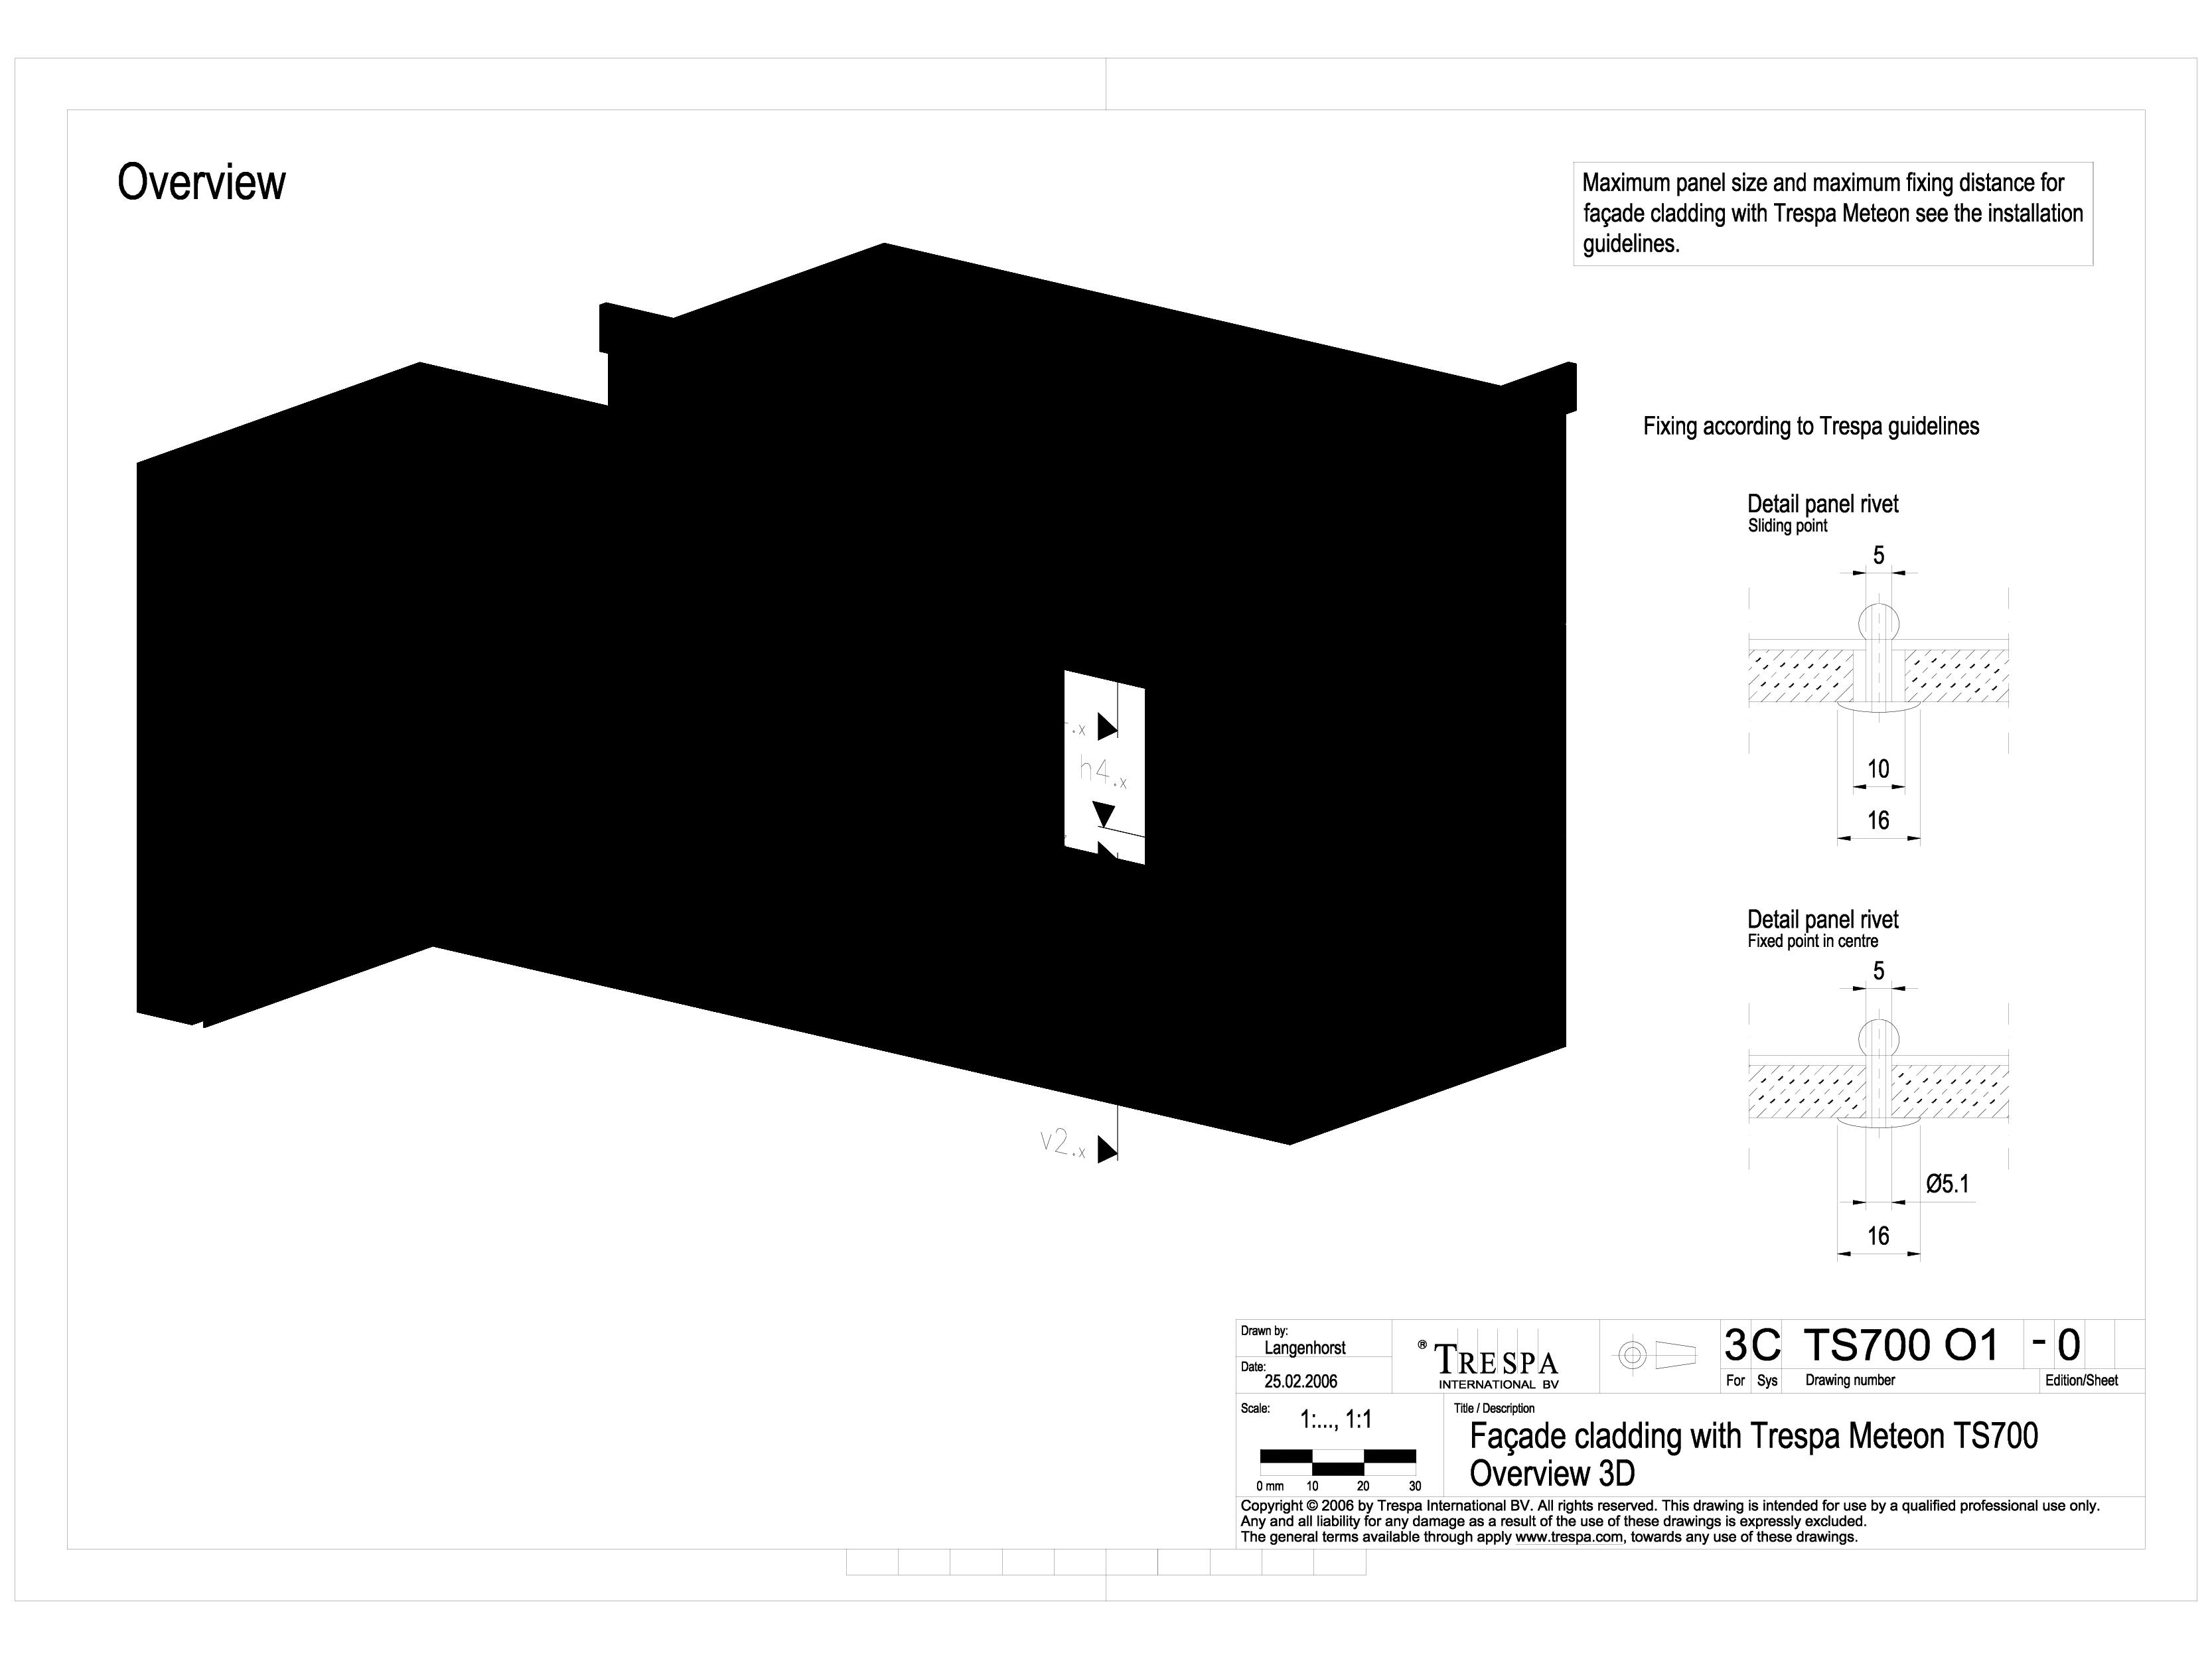 Sisteme de prindere fatade ventilate invizibile cu nituri, detaliu 3D METEON TRESPA Placi HPL pentru fatade ventilate GIBB TECHNOLOGIES  - Pagina 1